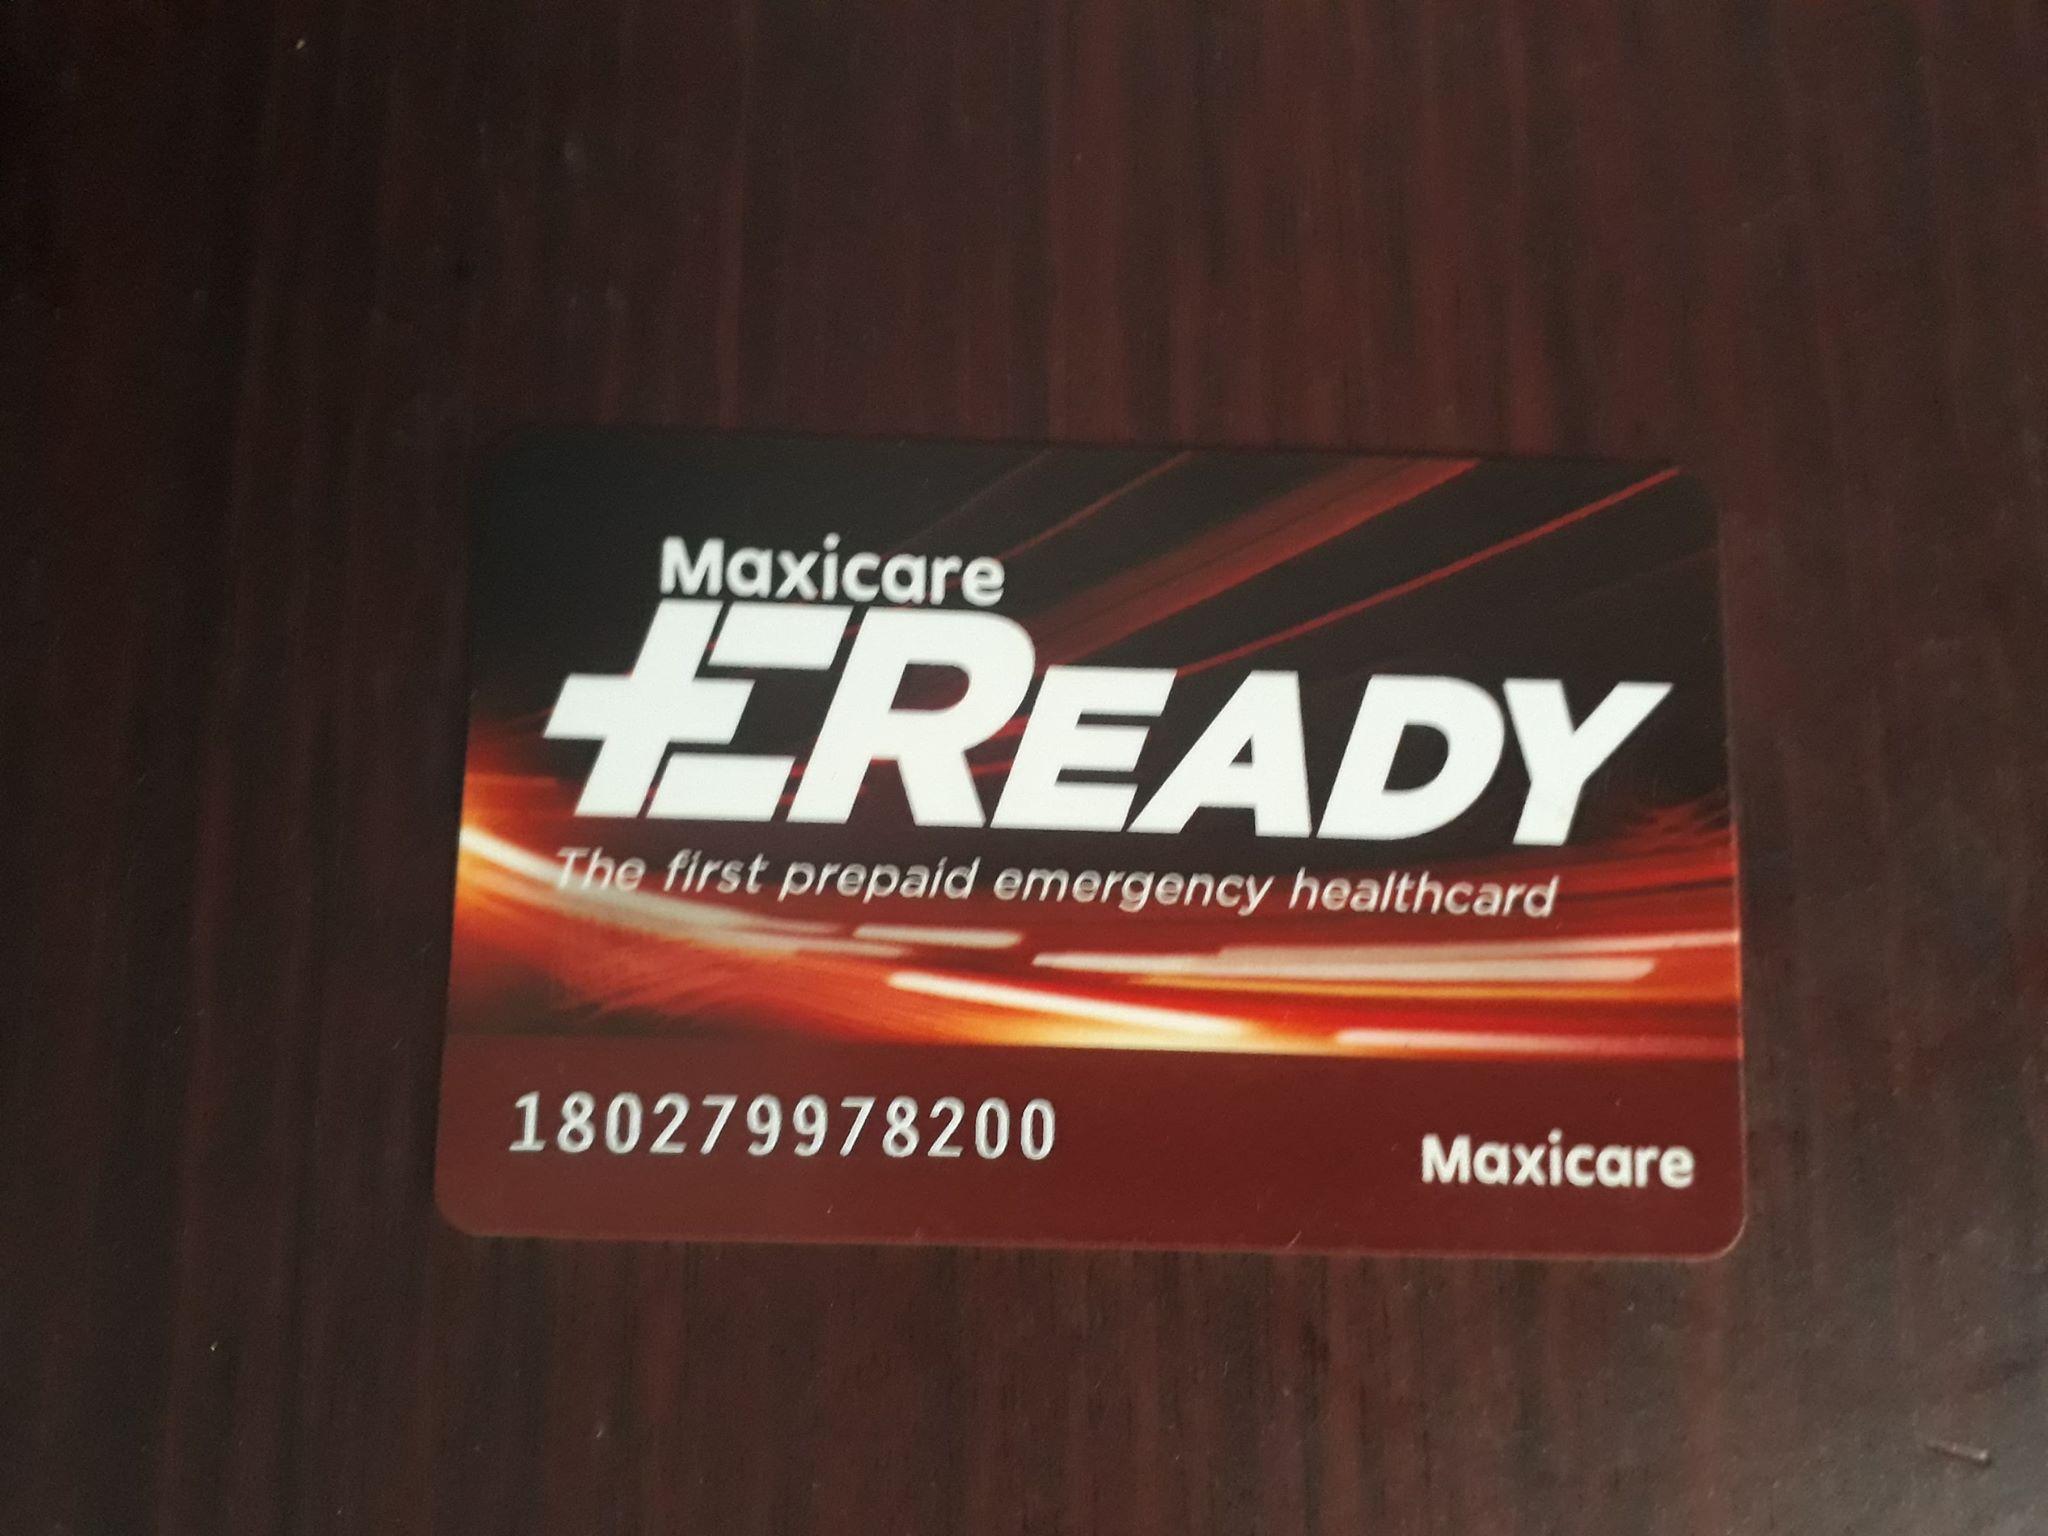 maxicare eready